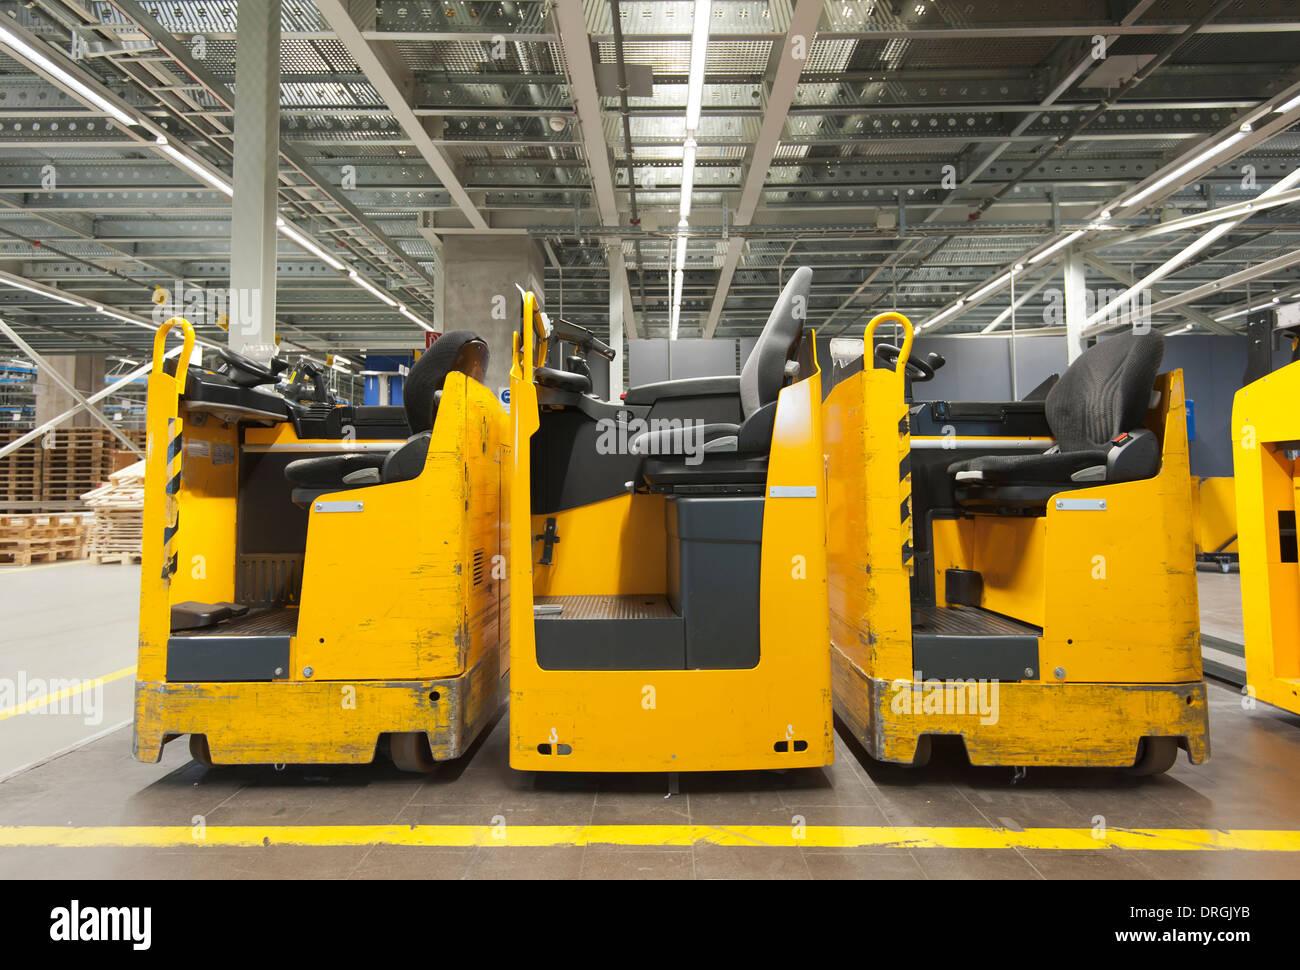 Trois chariots stationnés dans un entrepôt de l'industrie Photo Stock